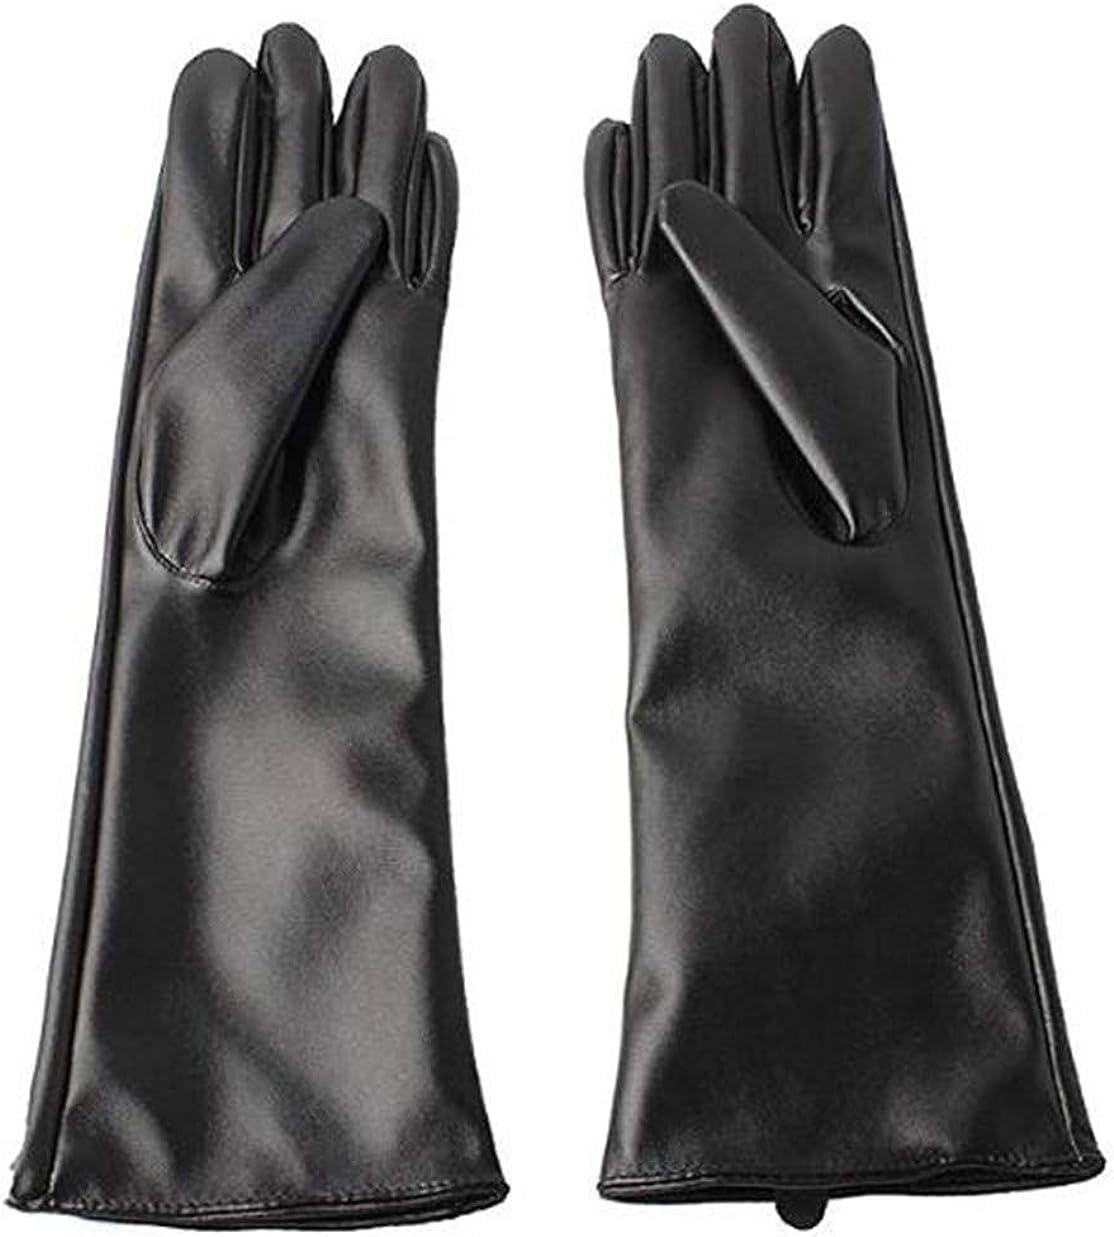 Black Sugar - Par de guantes largos de encaje de piel sintética negro con cordones góticos sexy punk rock victoriano disfraz transparente 40 cm de longitud